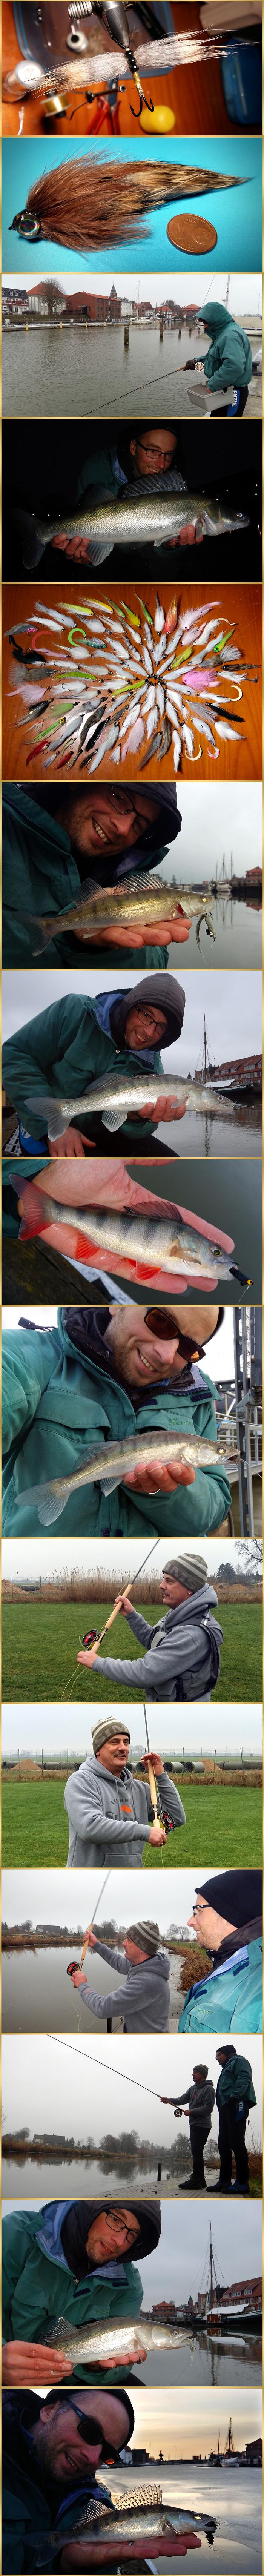 zander flyfishing